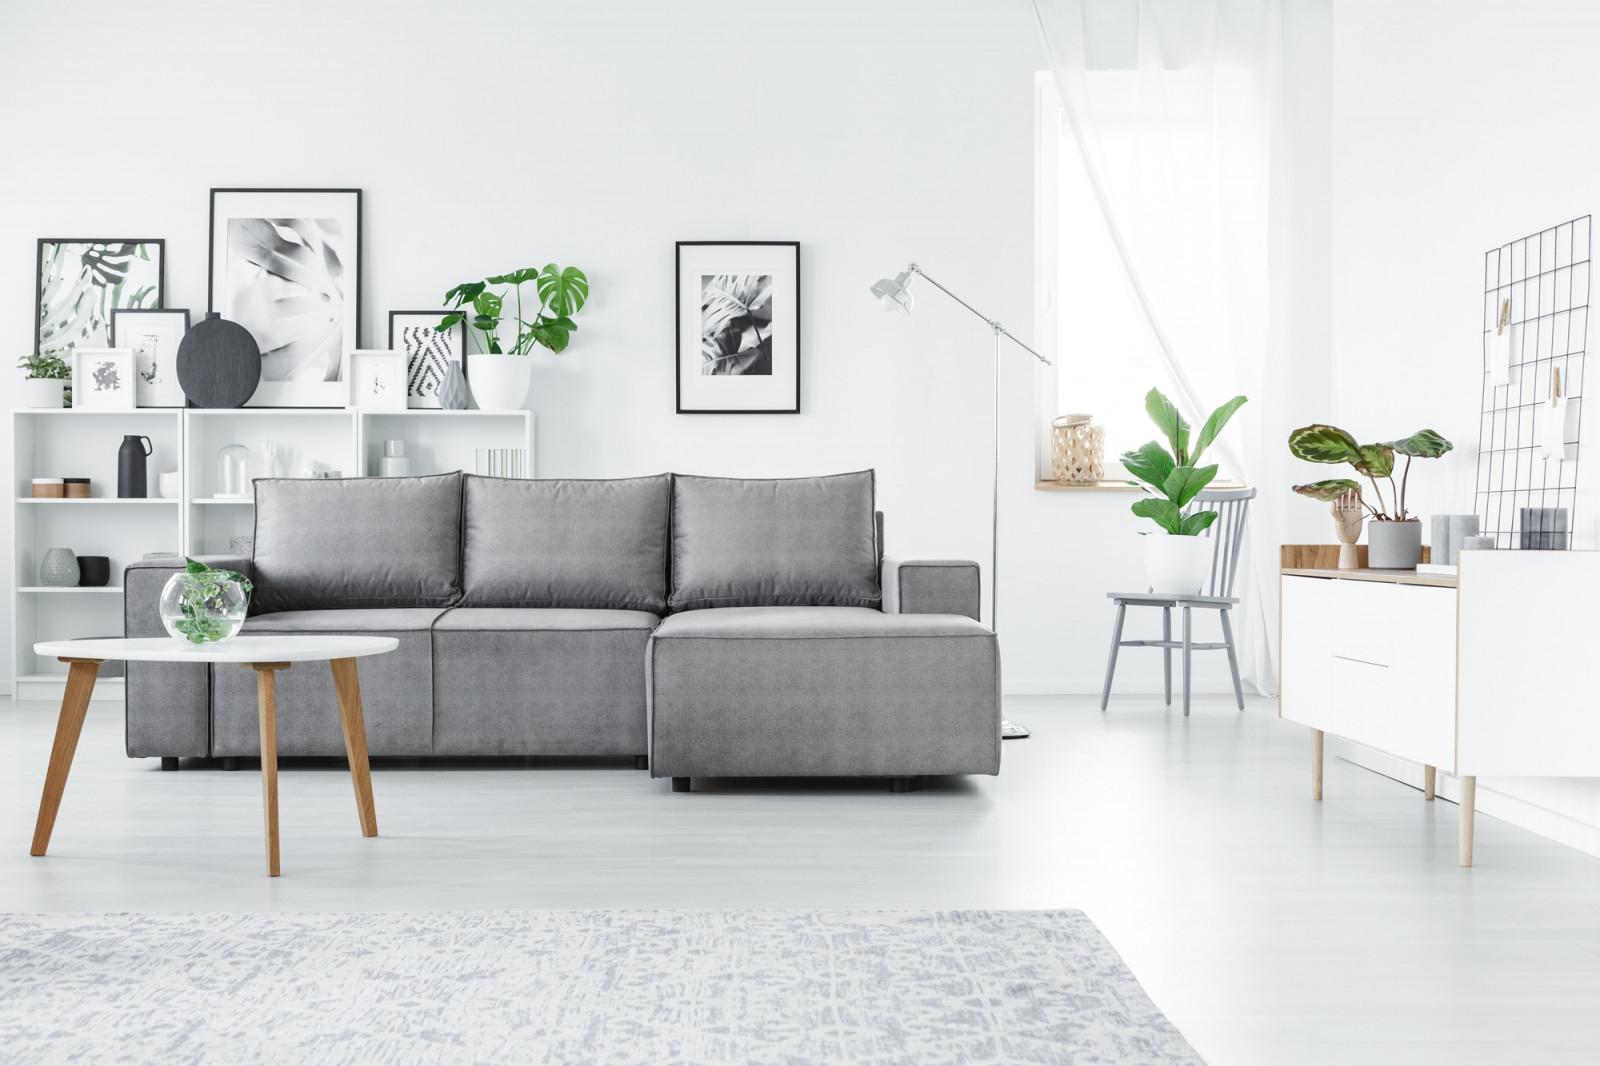 Die 10 Häufigsten Einrichtungsfehler Im Wohnzimmer  Walter von Bilder Im Wohnzimmer Bild